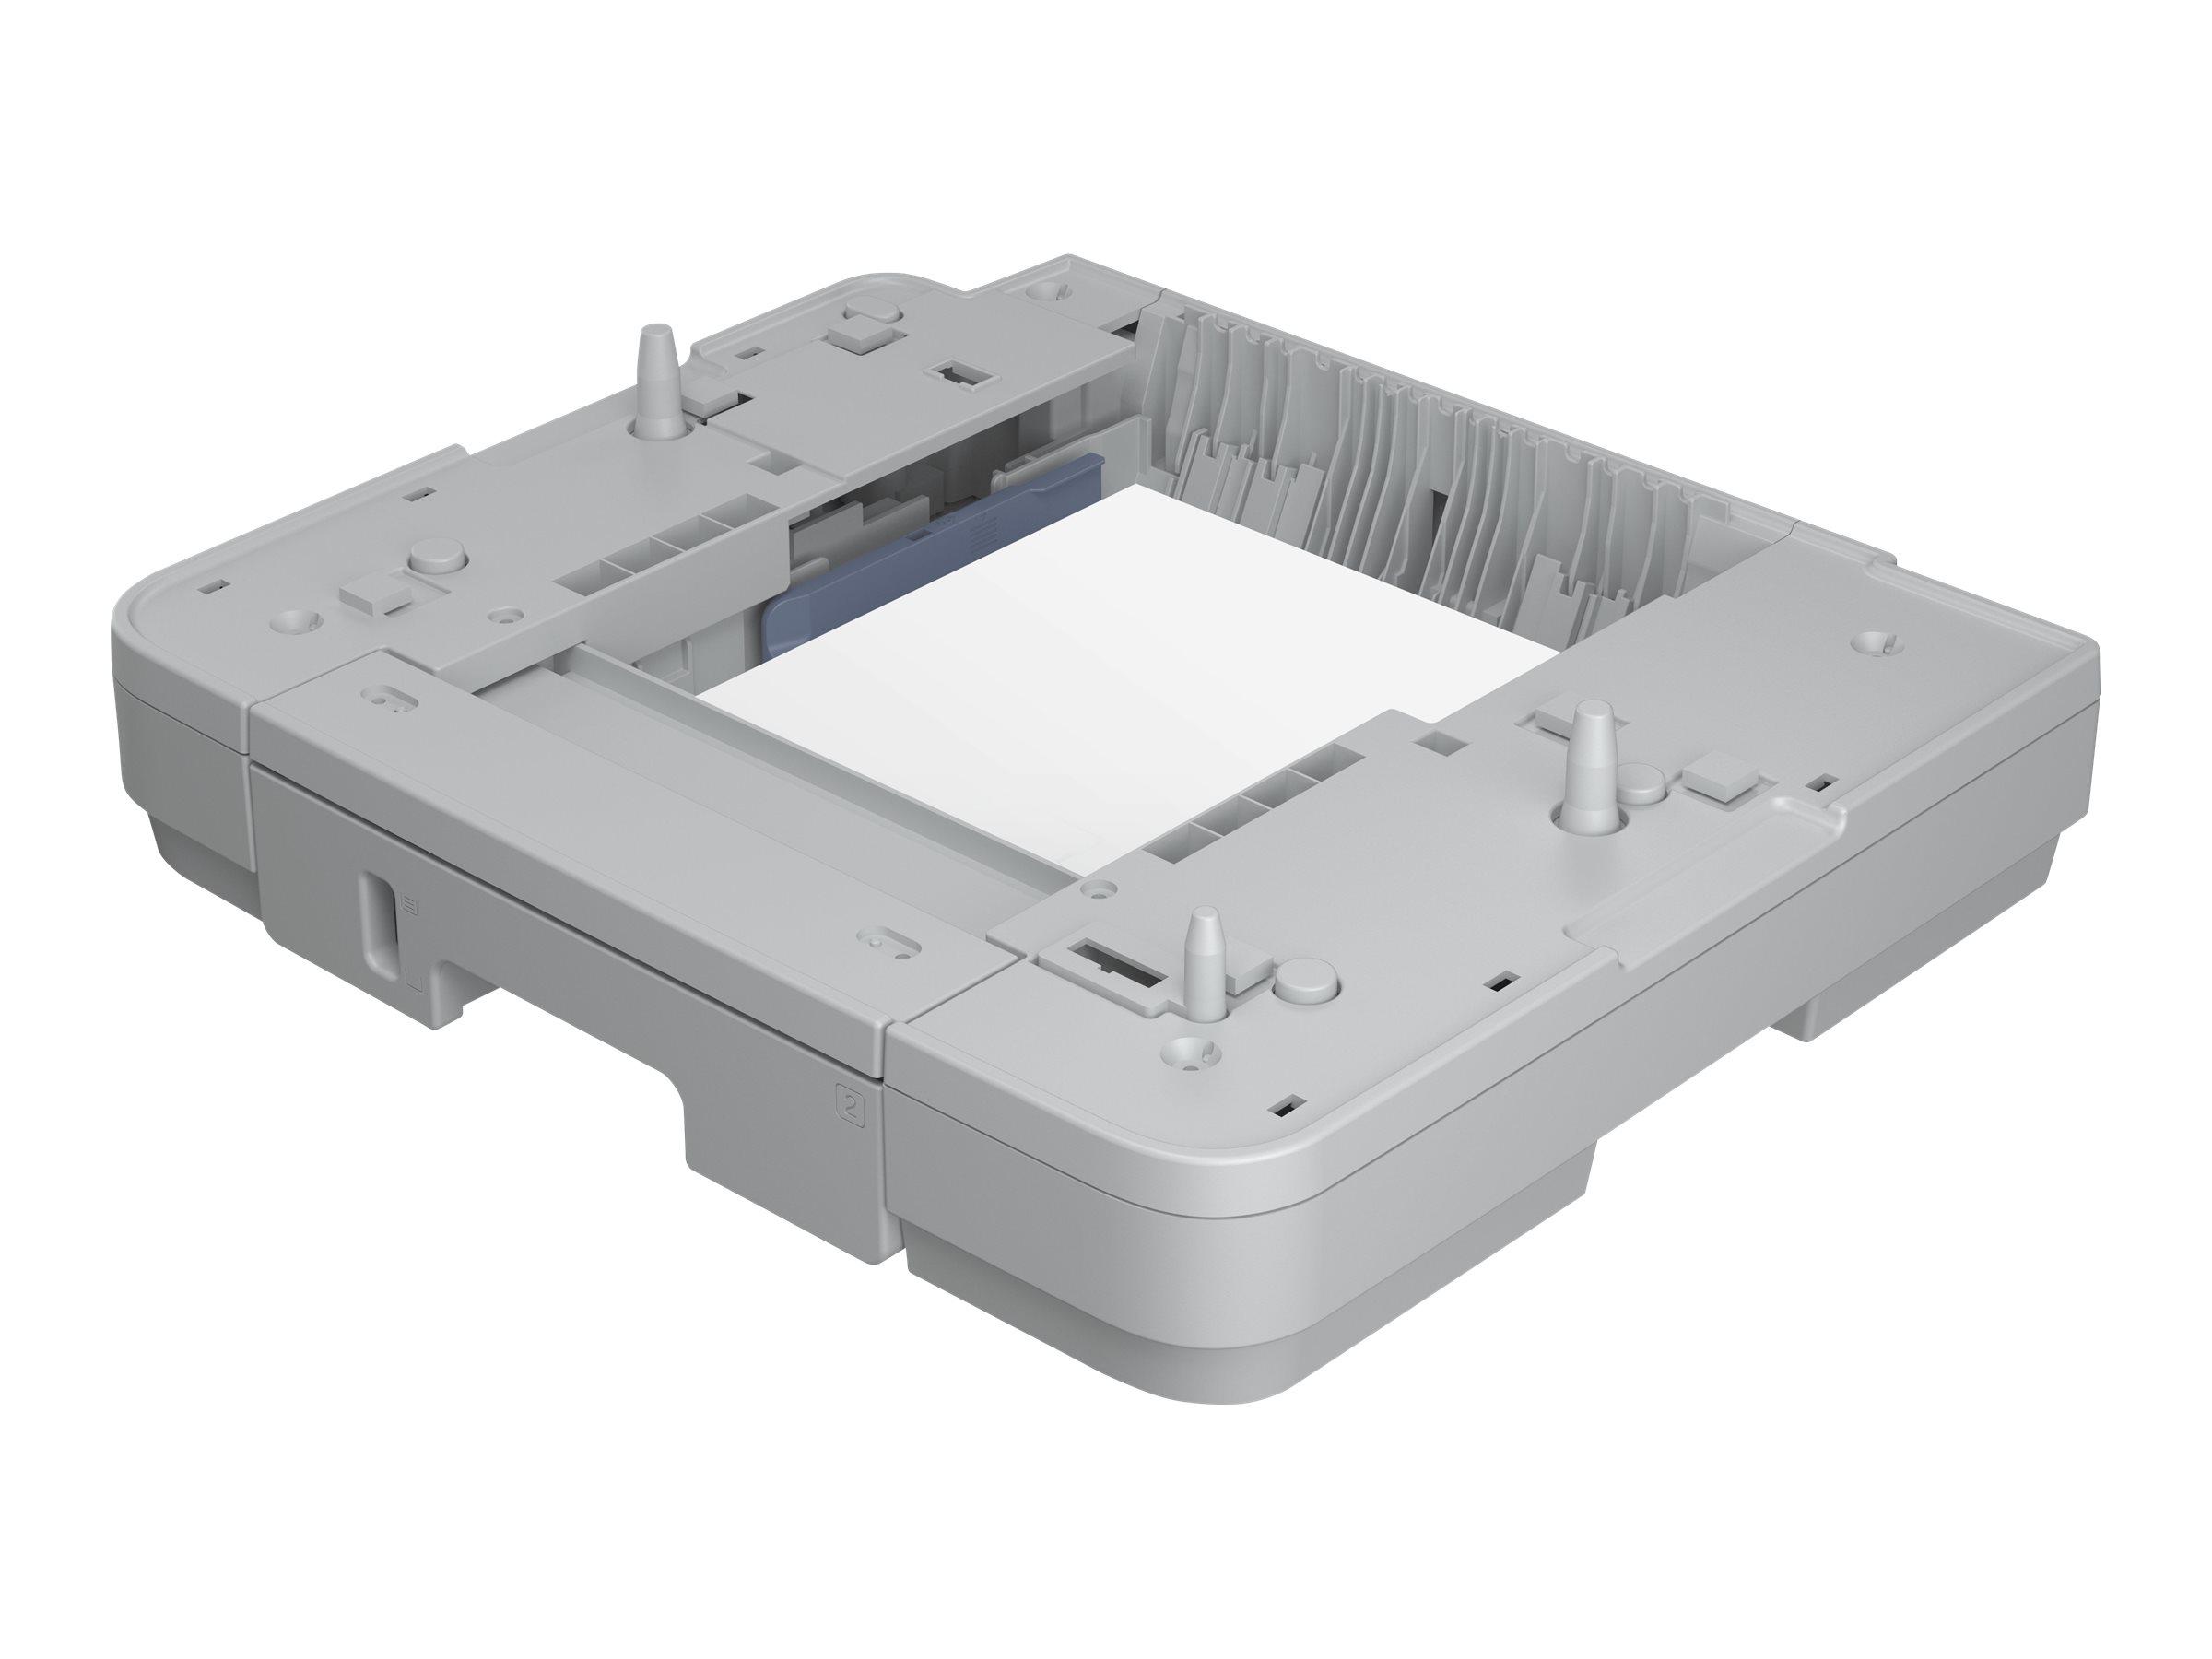 Bac d'alimentation supplémentaire de 500 feuilles  pour Epson WF-8XX